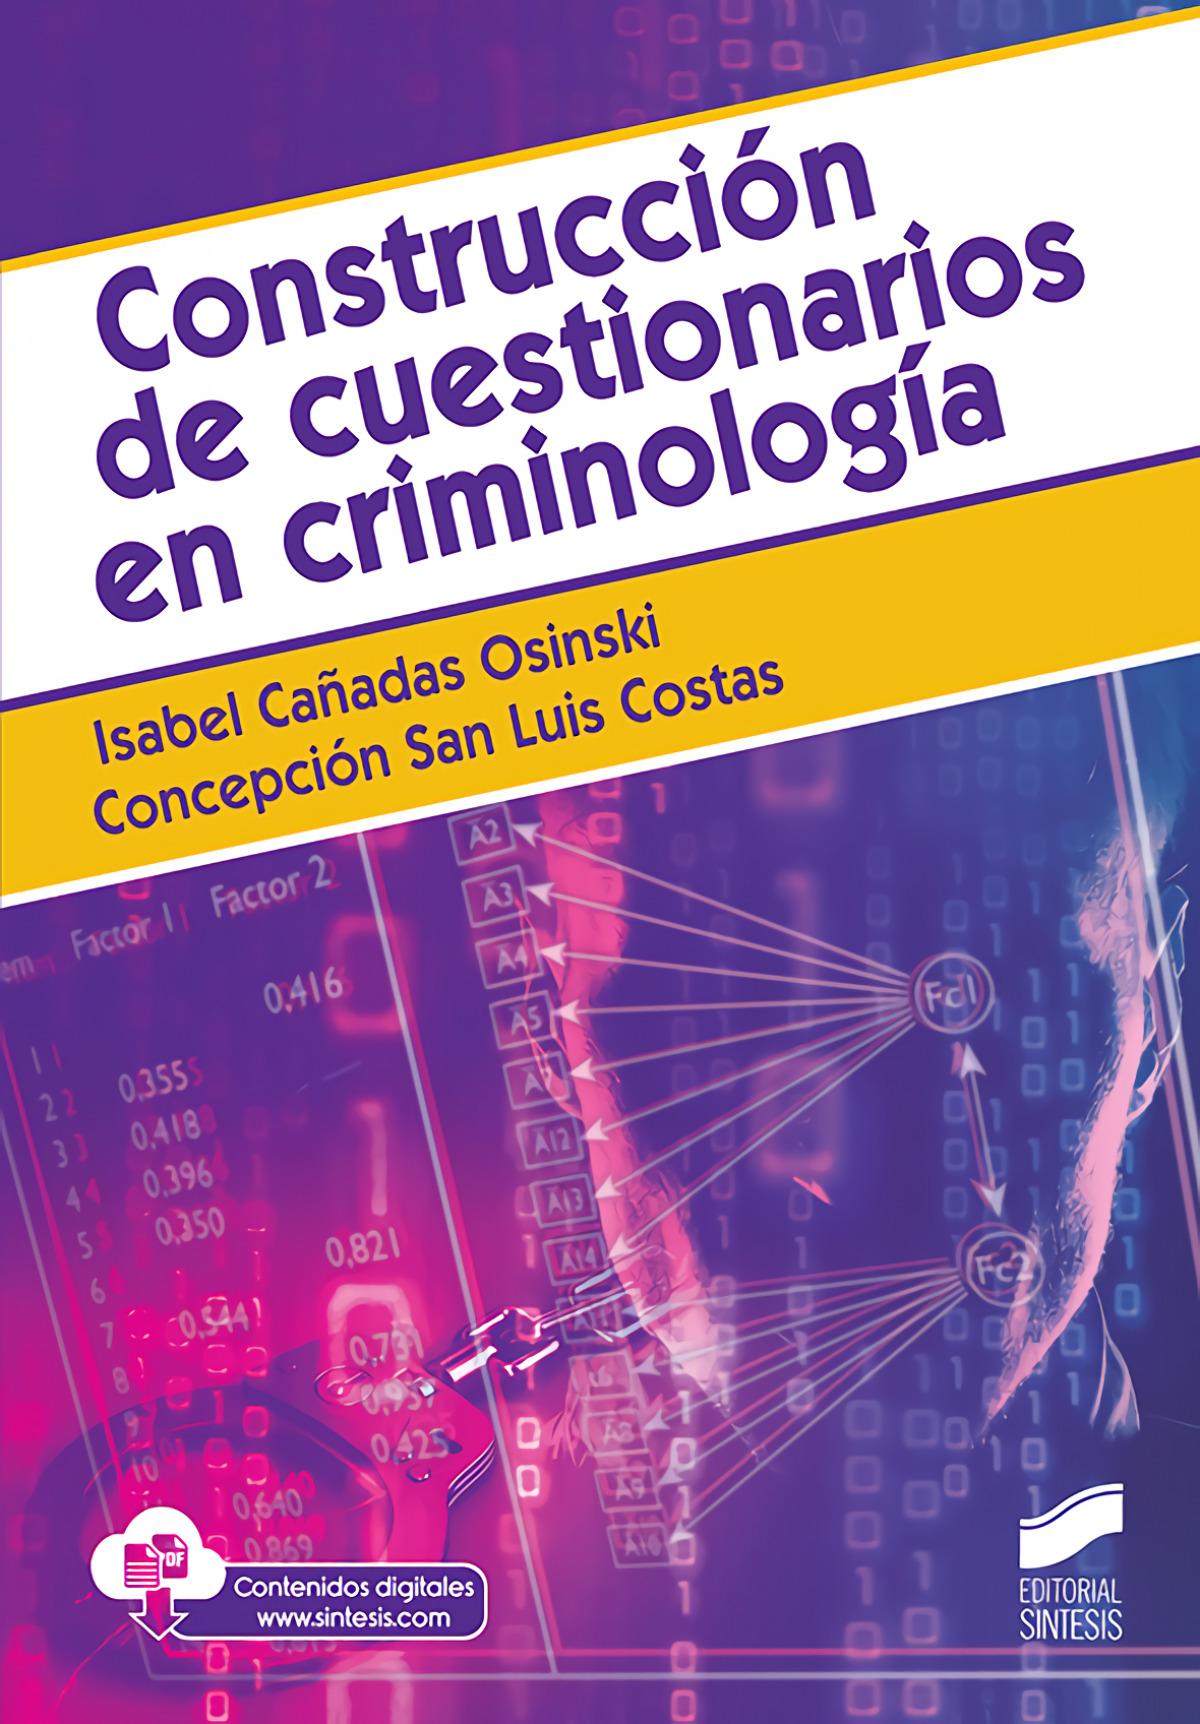 Construcción de cuestionarios en criminolog¡a